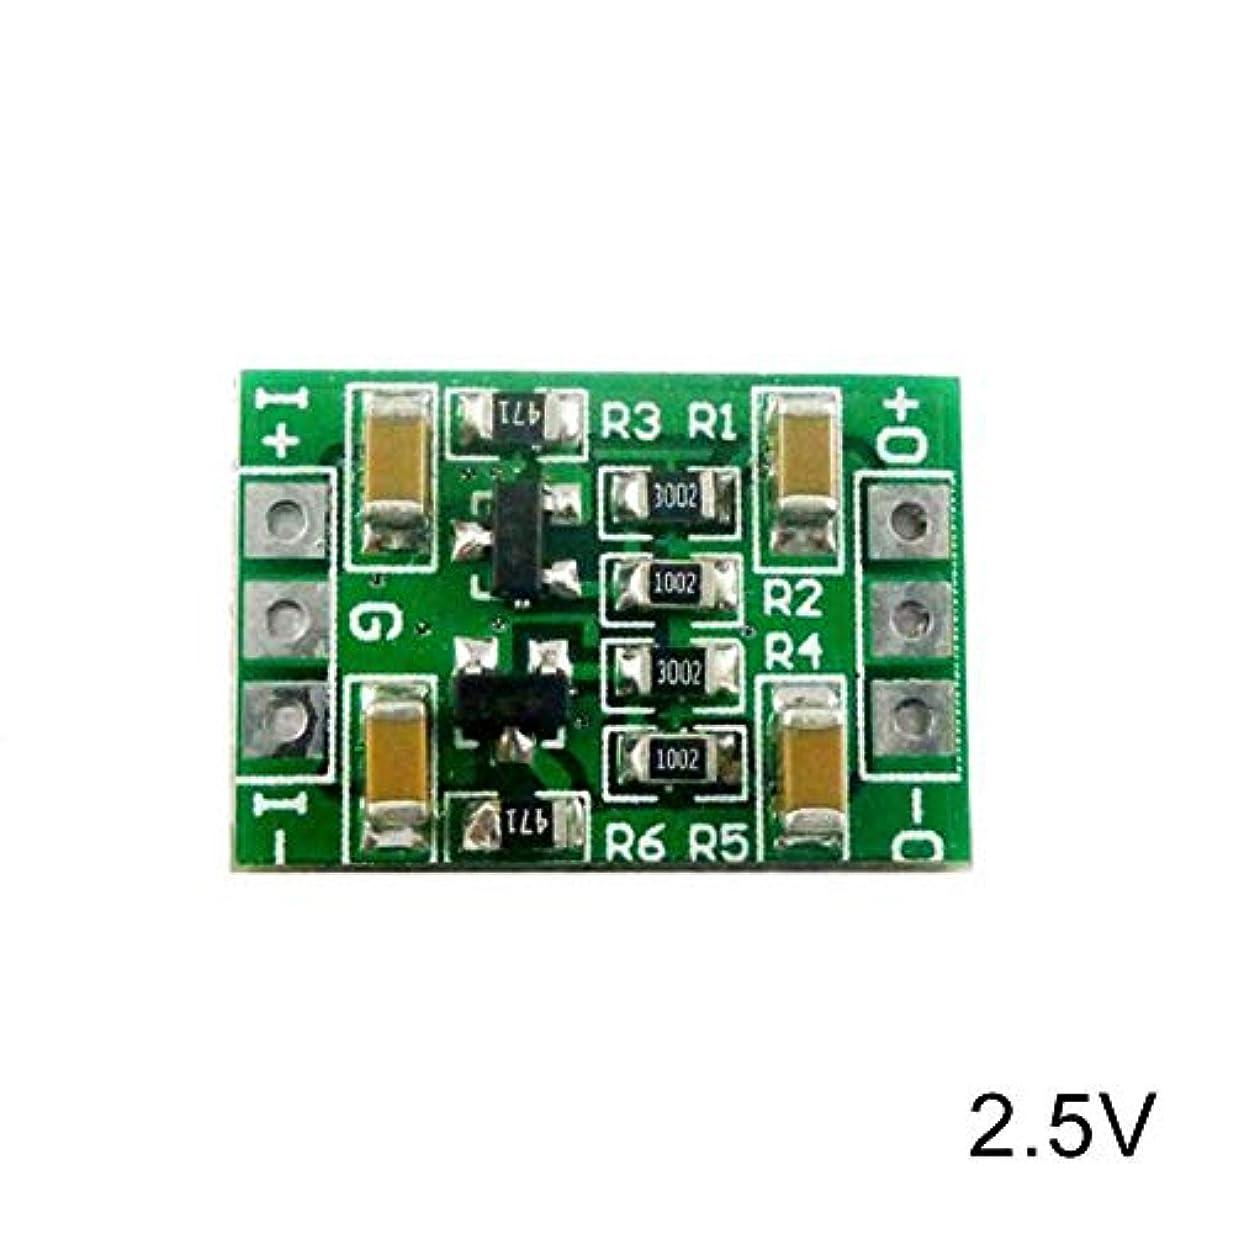 アセンブリカロリー巡礼者Tenflyer ZD3605PA電圧基準モジュール2.5V 3.3V 5V 7.5V 10V 12V